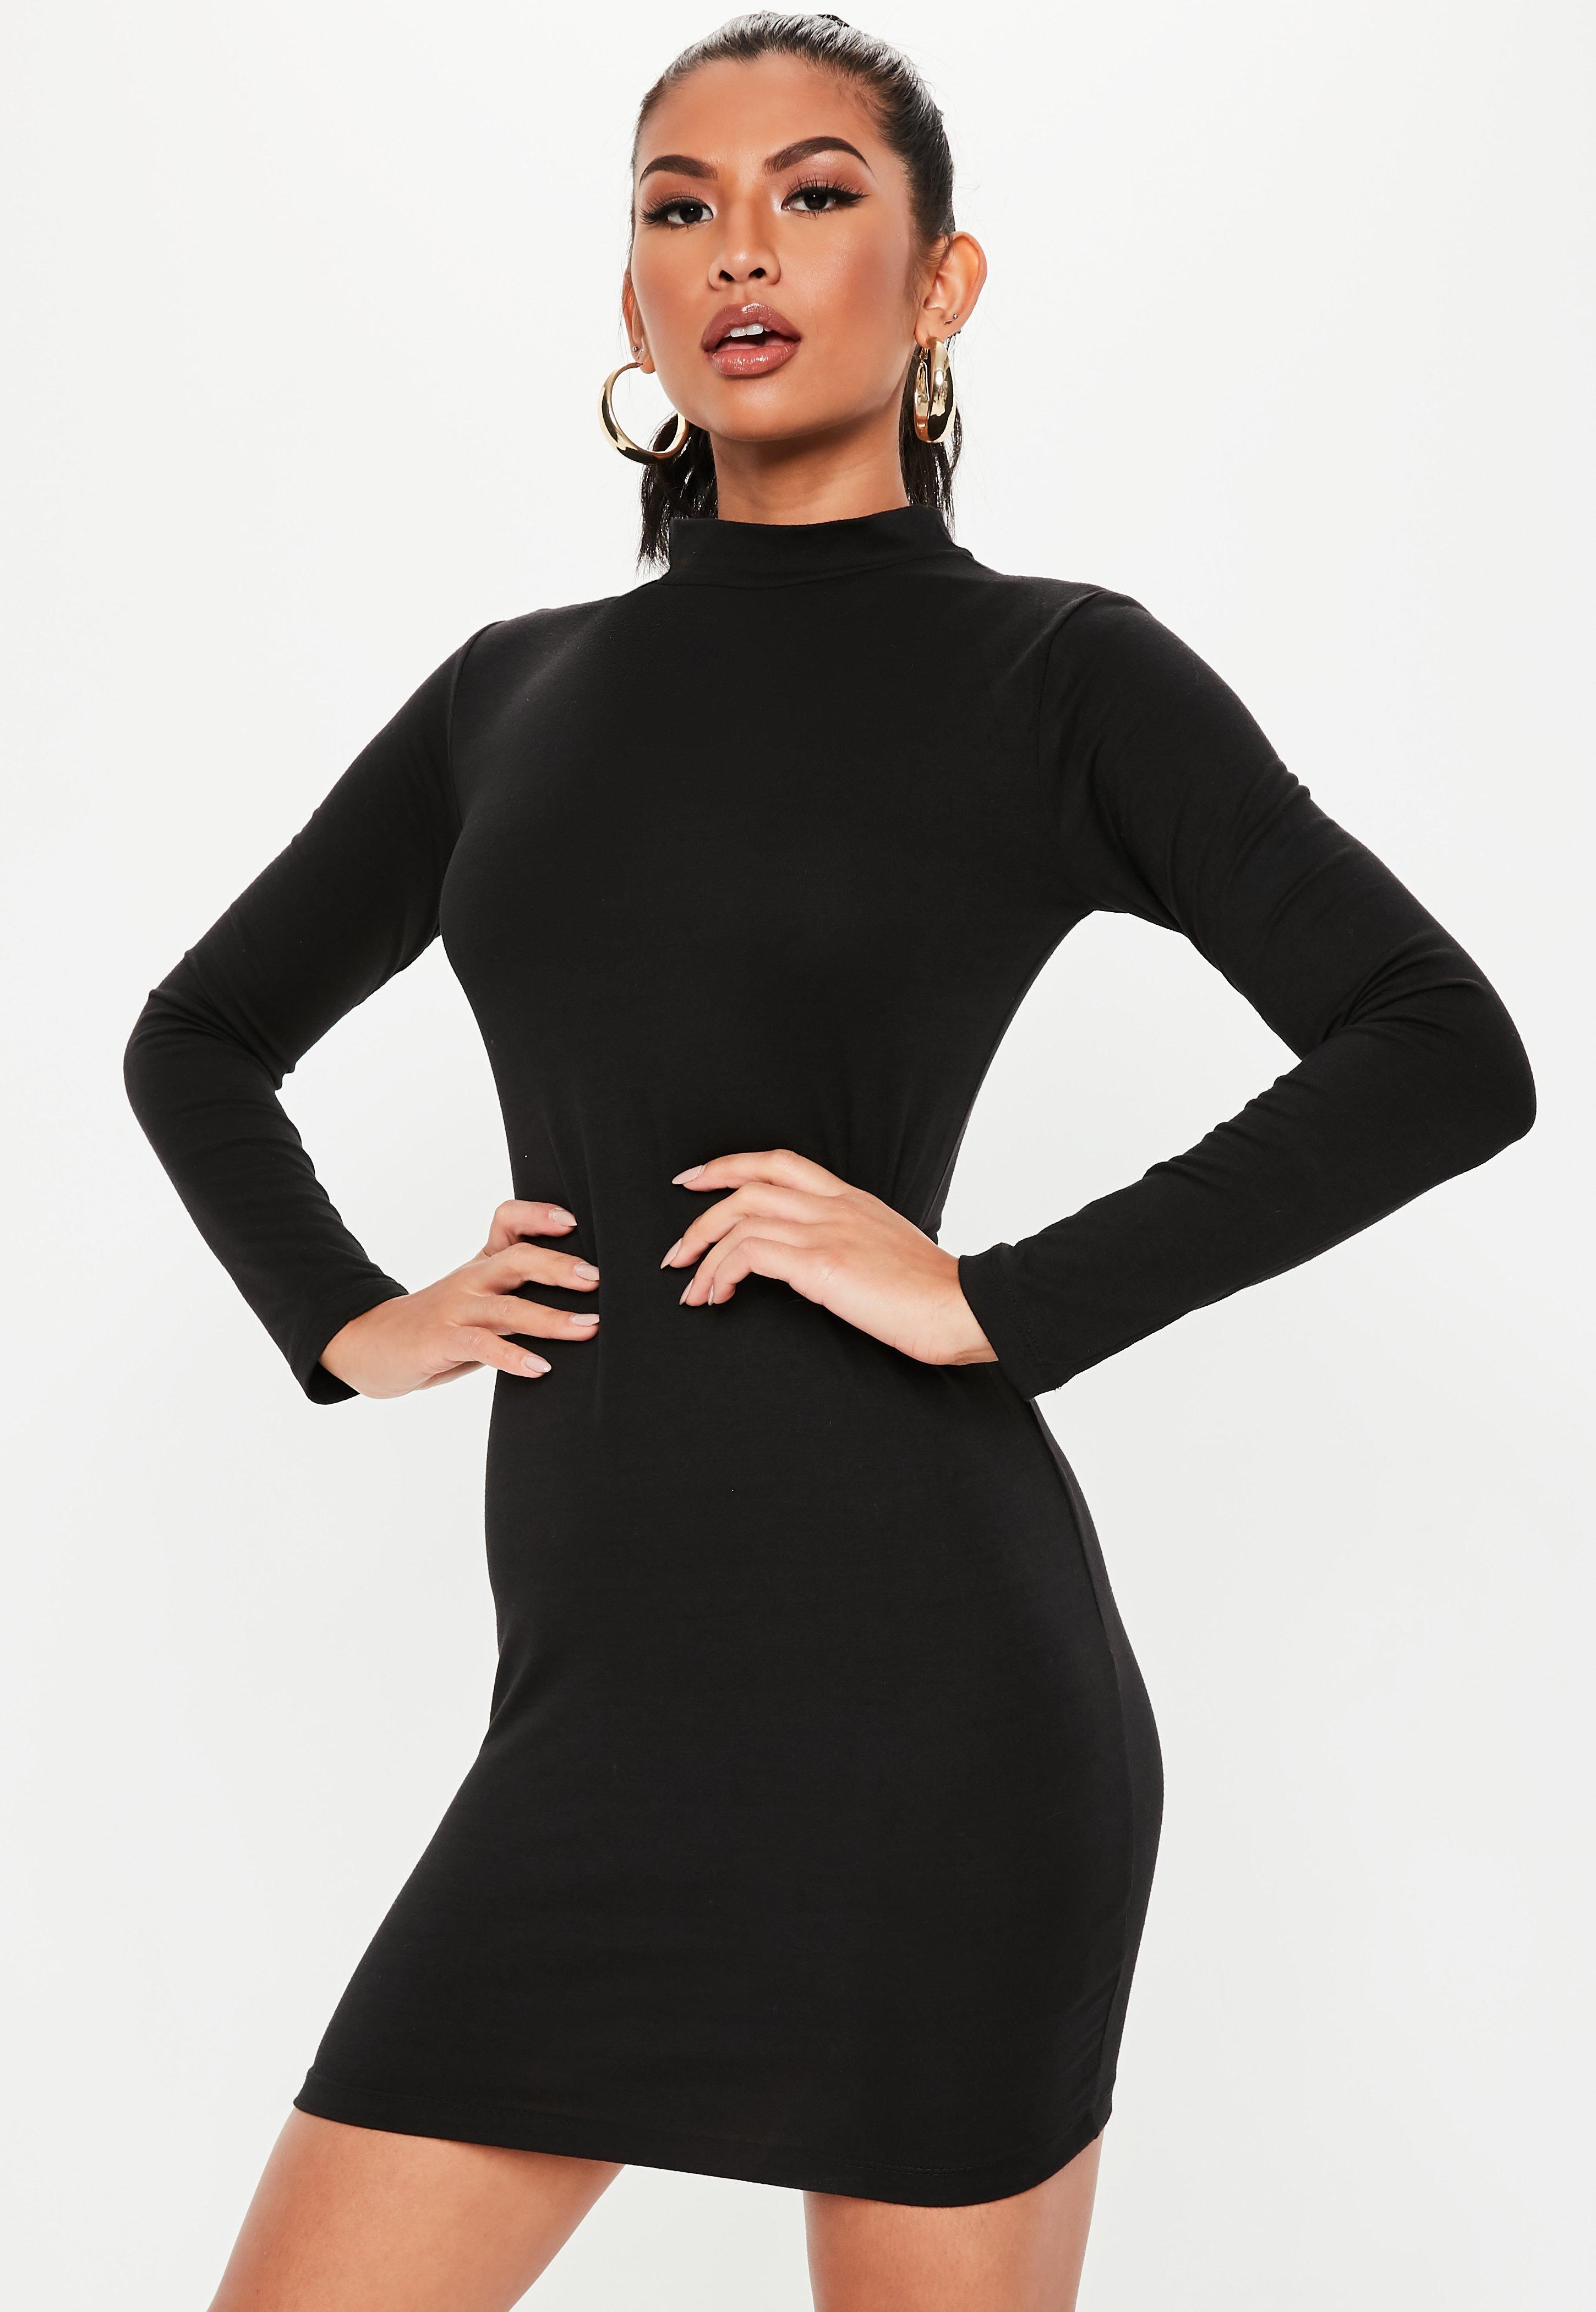 a3d168c4728f Vestido corto de cuello perkins con bajo redondeado en negro